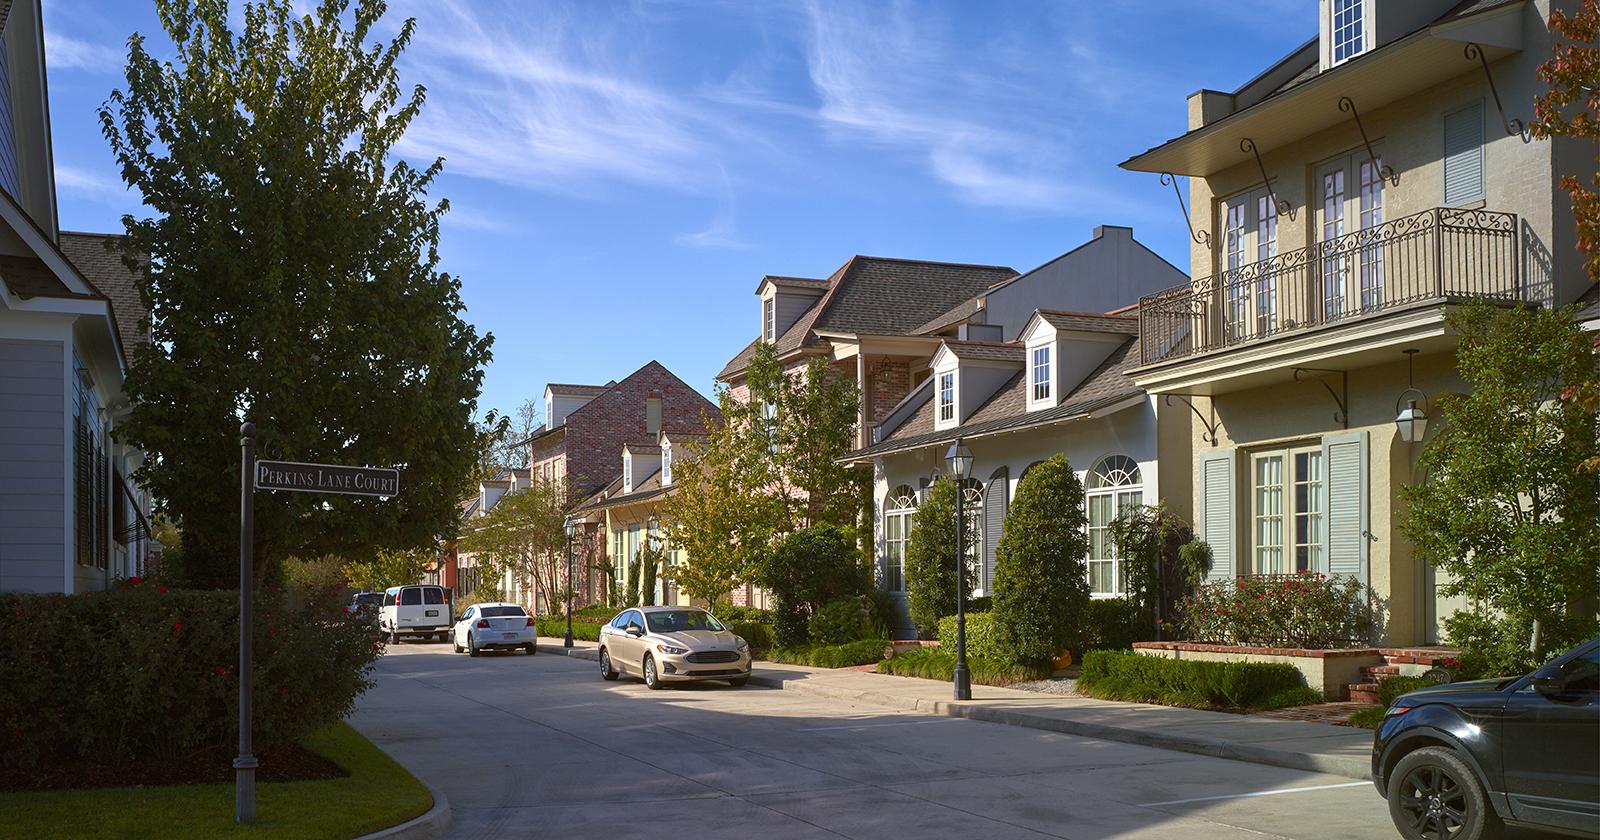 Perkins Lane, Baton Rouge, LA